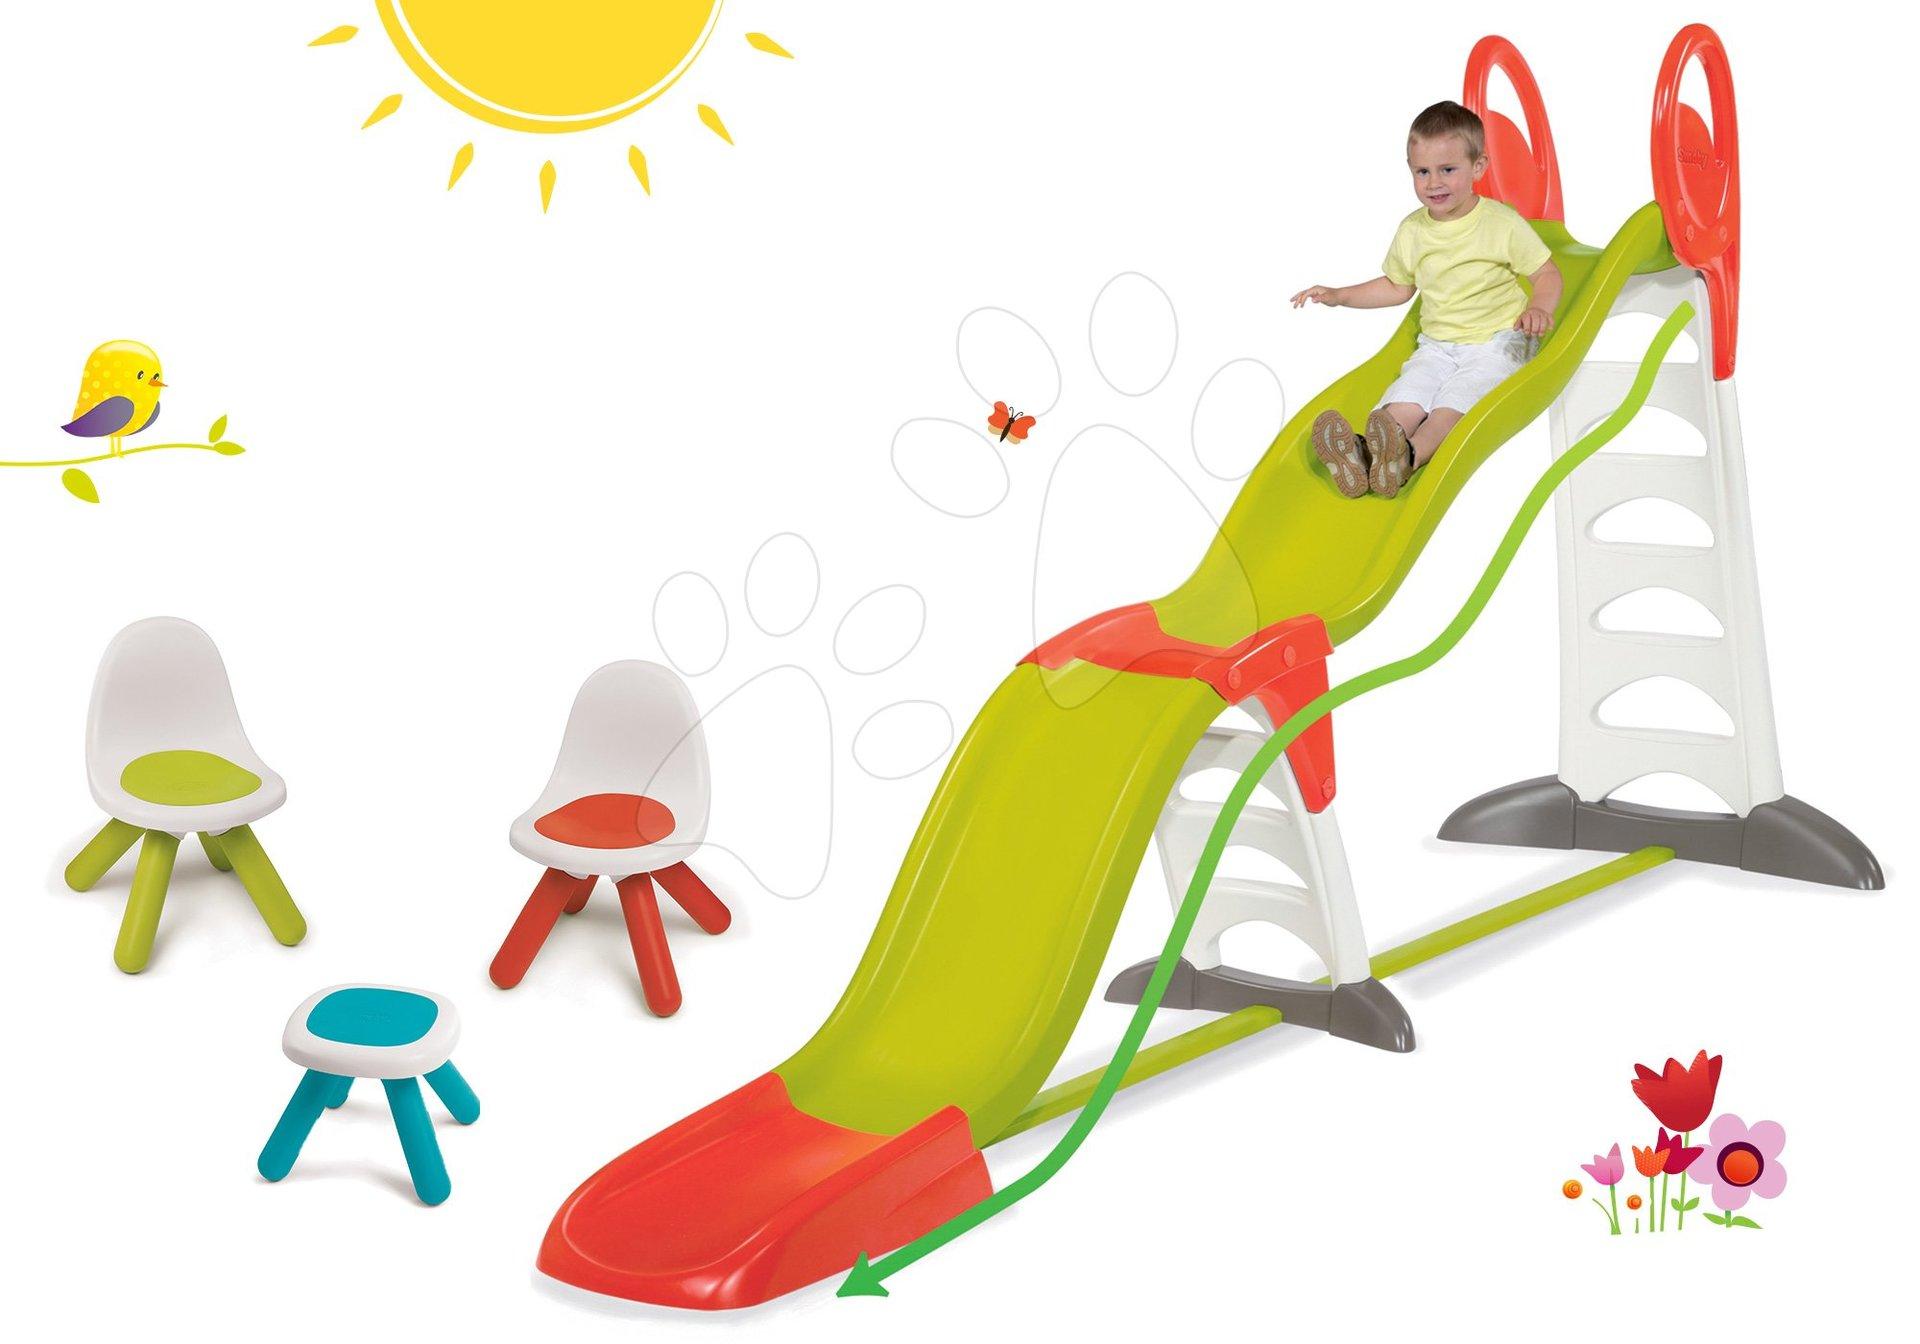 Set skluzavka Toboggan Super Megagliss 2v1 Smoby 3,75/1,5 m a Piknik stolek se dvěma židlemi KidChair od 24 měsíců